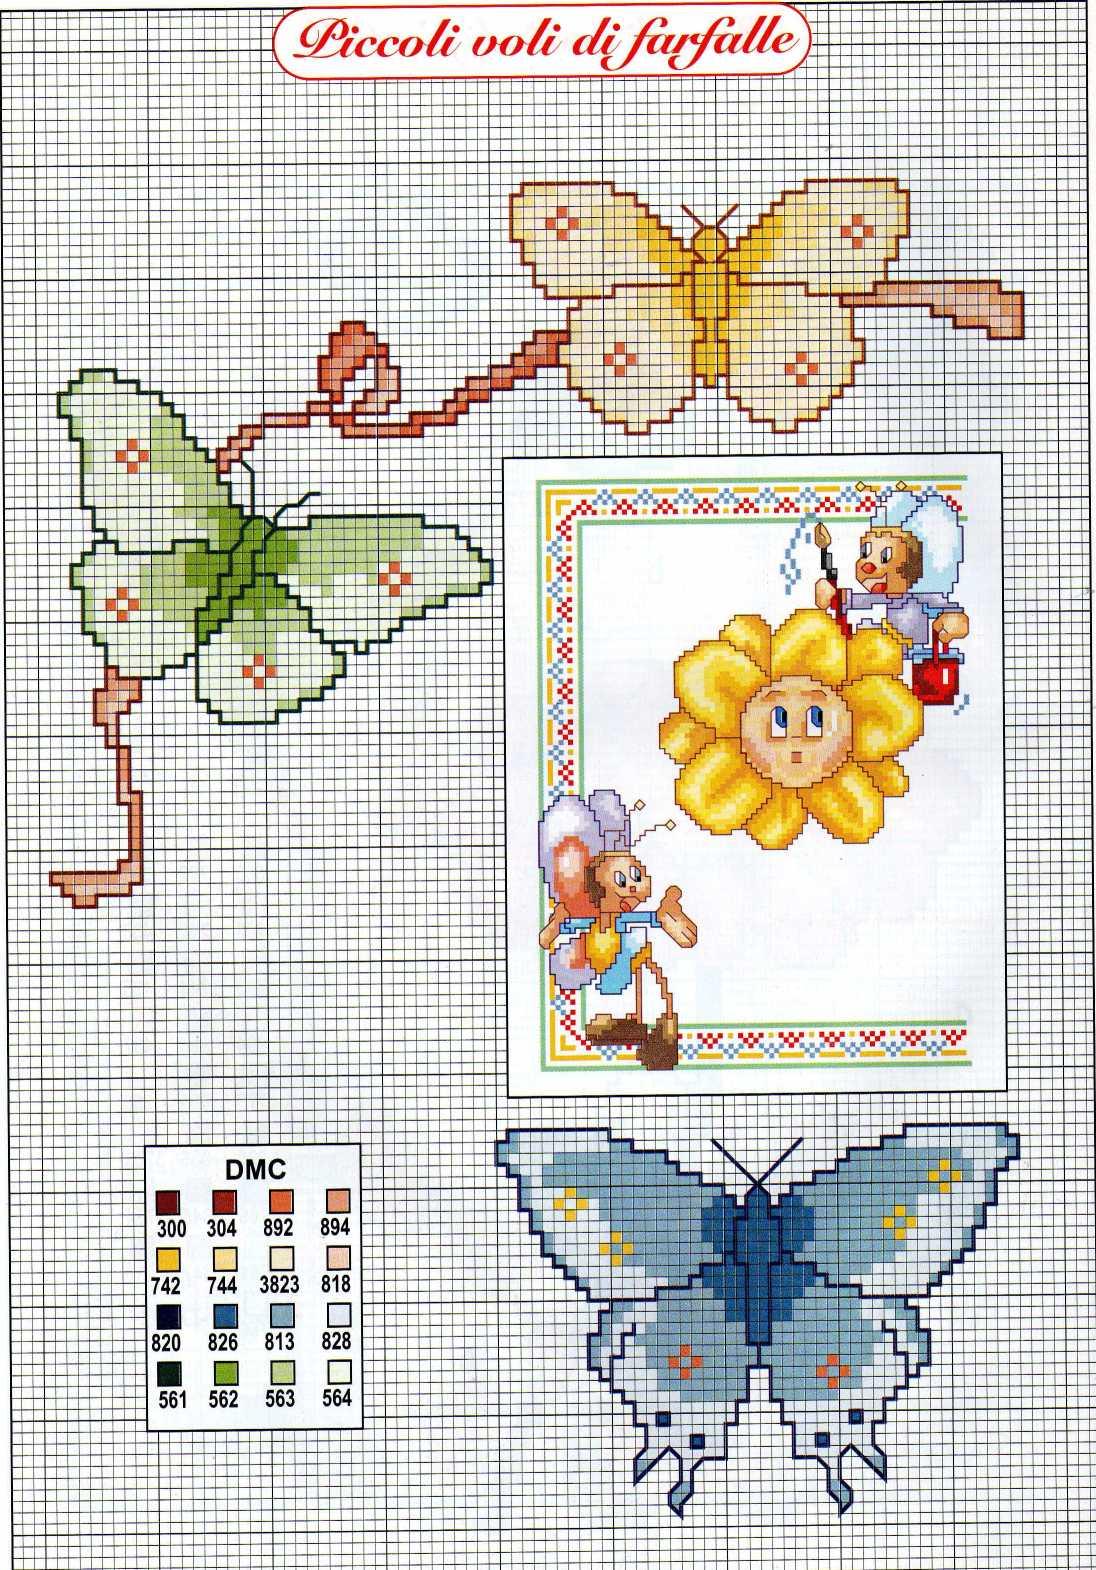 Bambini fargalle simpatiche fiore 4 for Schemi punto croce bambini gratis